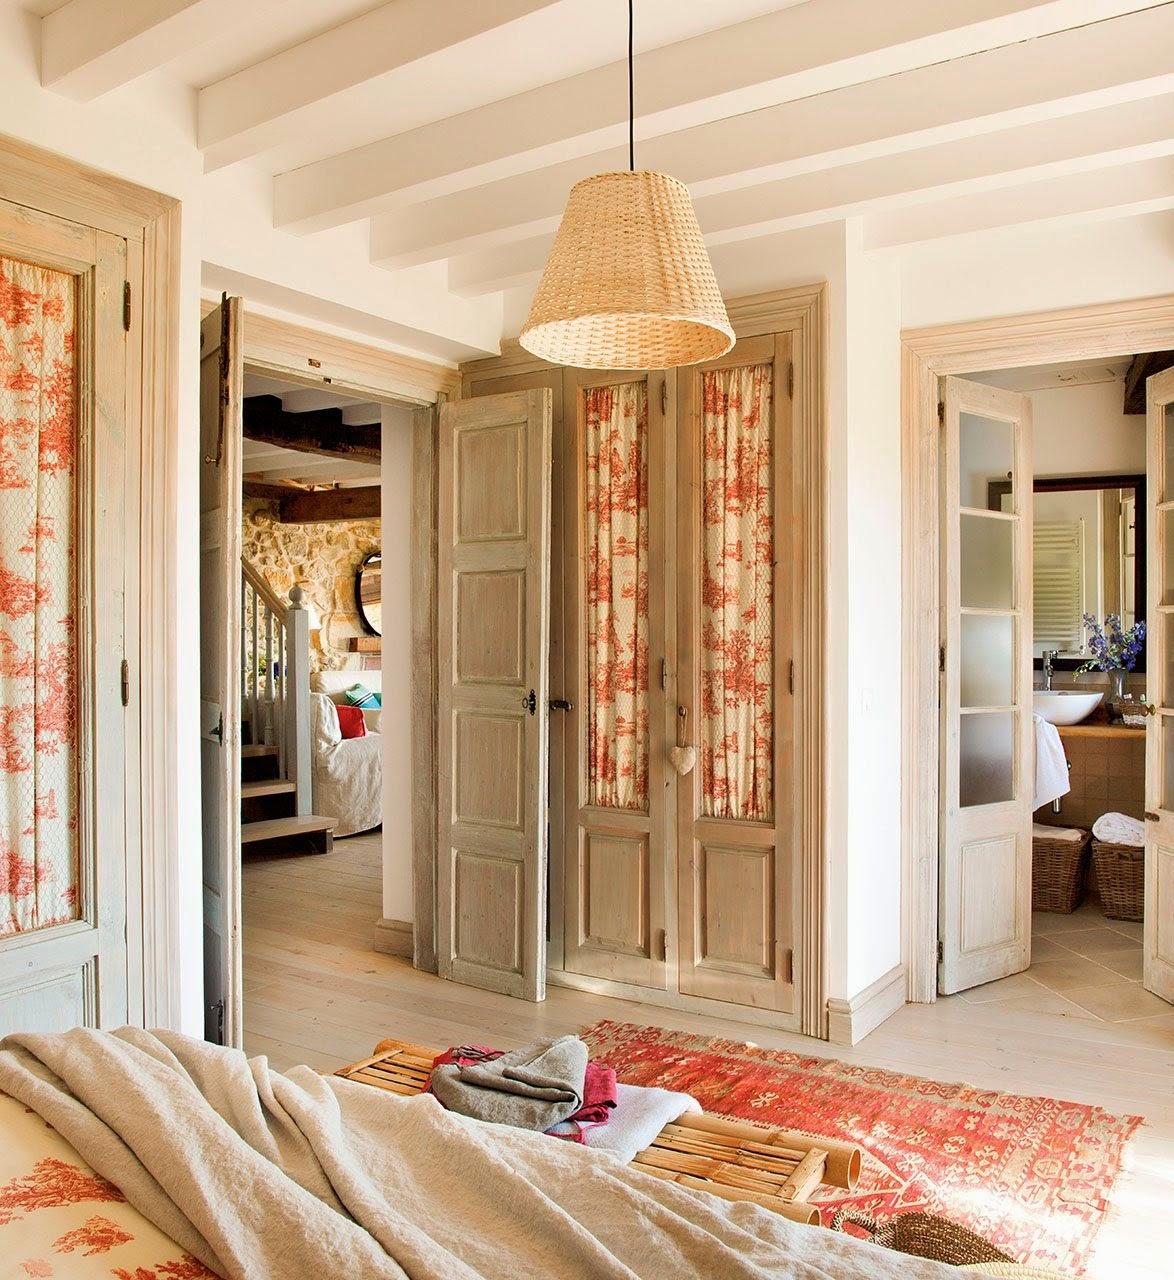 Cómo decorar una casa rústica - dormitorios